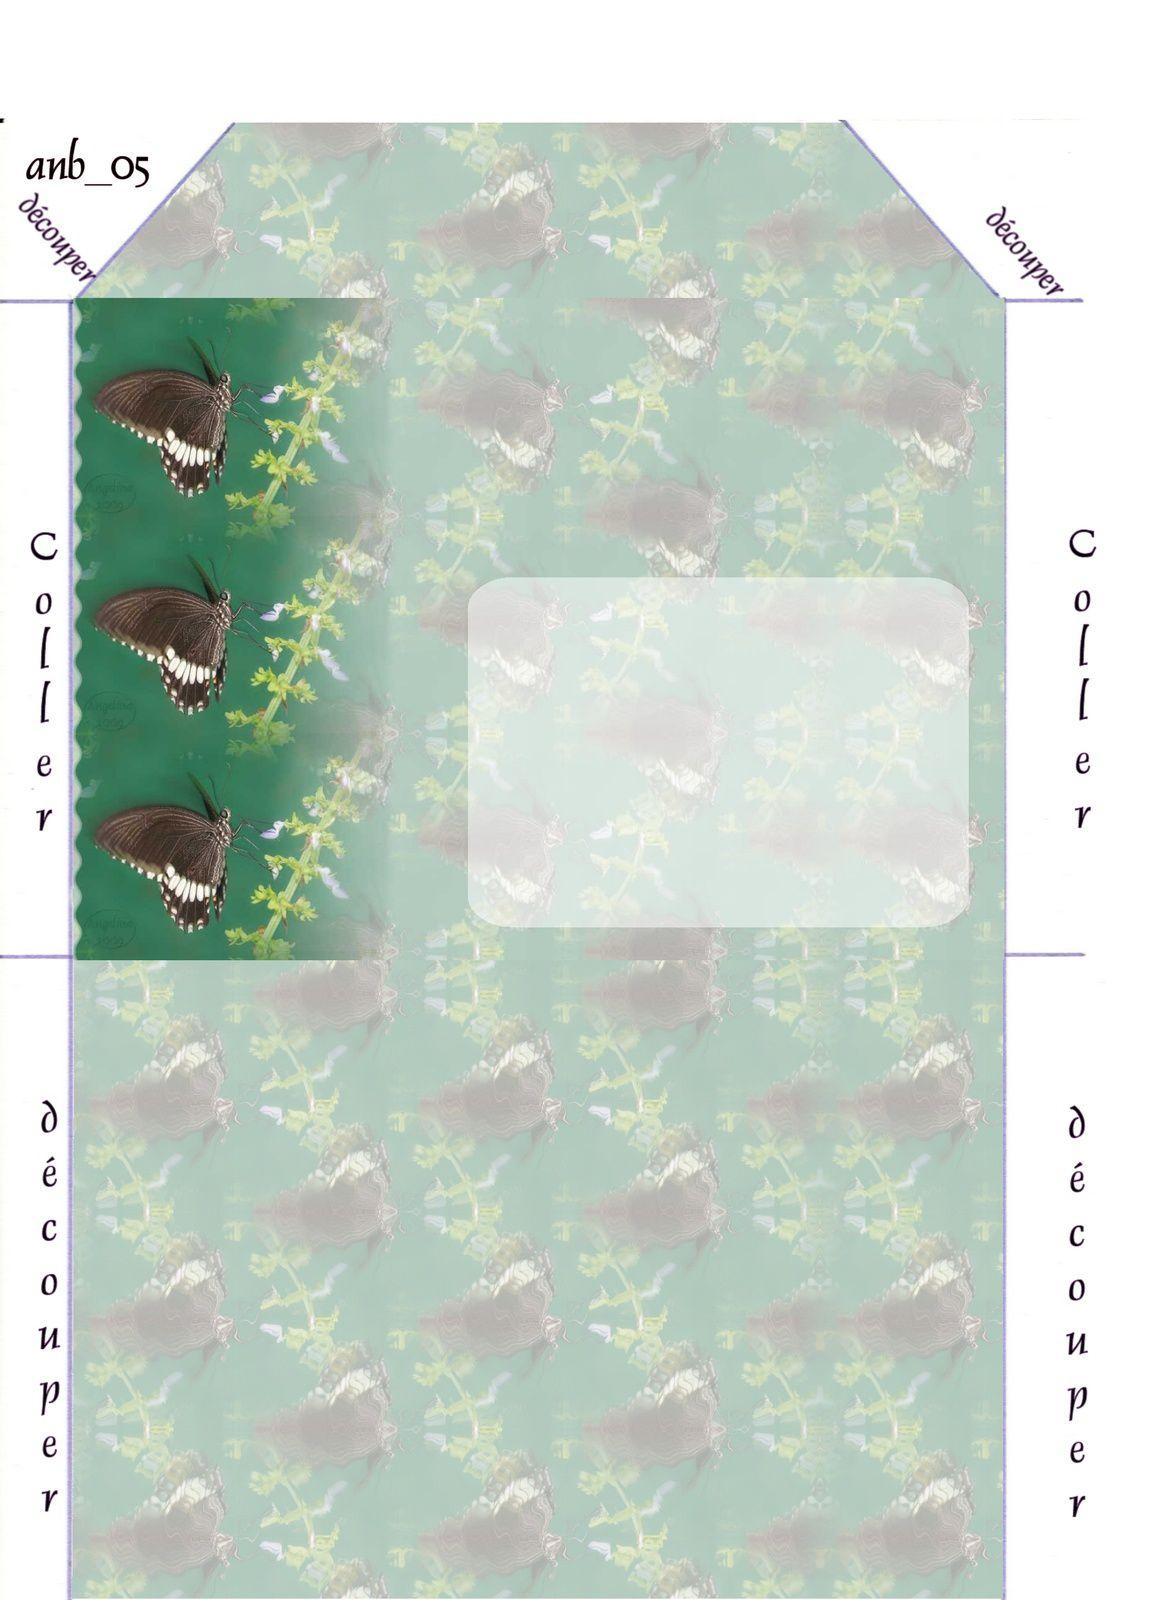 Papillon Incredimail &amp&#x3B; Papier A4 h l &amp&#x3B; outlook &amp&#x3B; enveloppe &amp&#x3B; 2 cartes A5 &amp&#x3B; signets 3 langues    pap_papillon_tropical_1